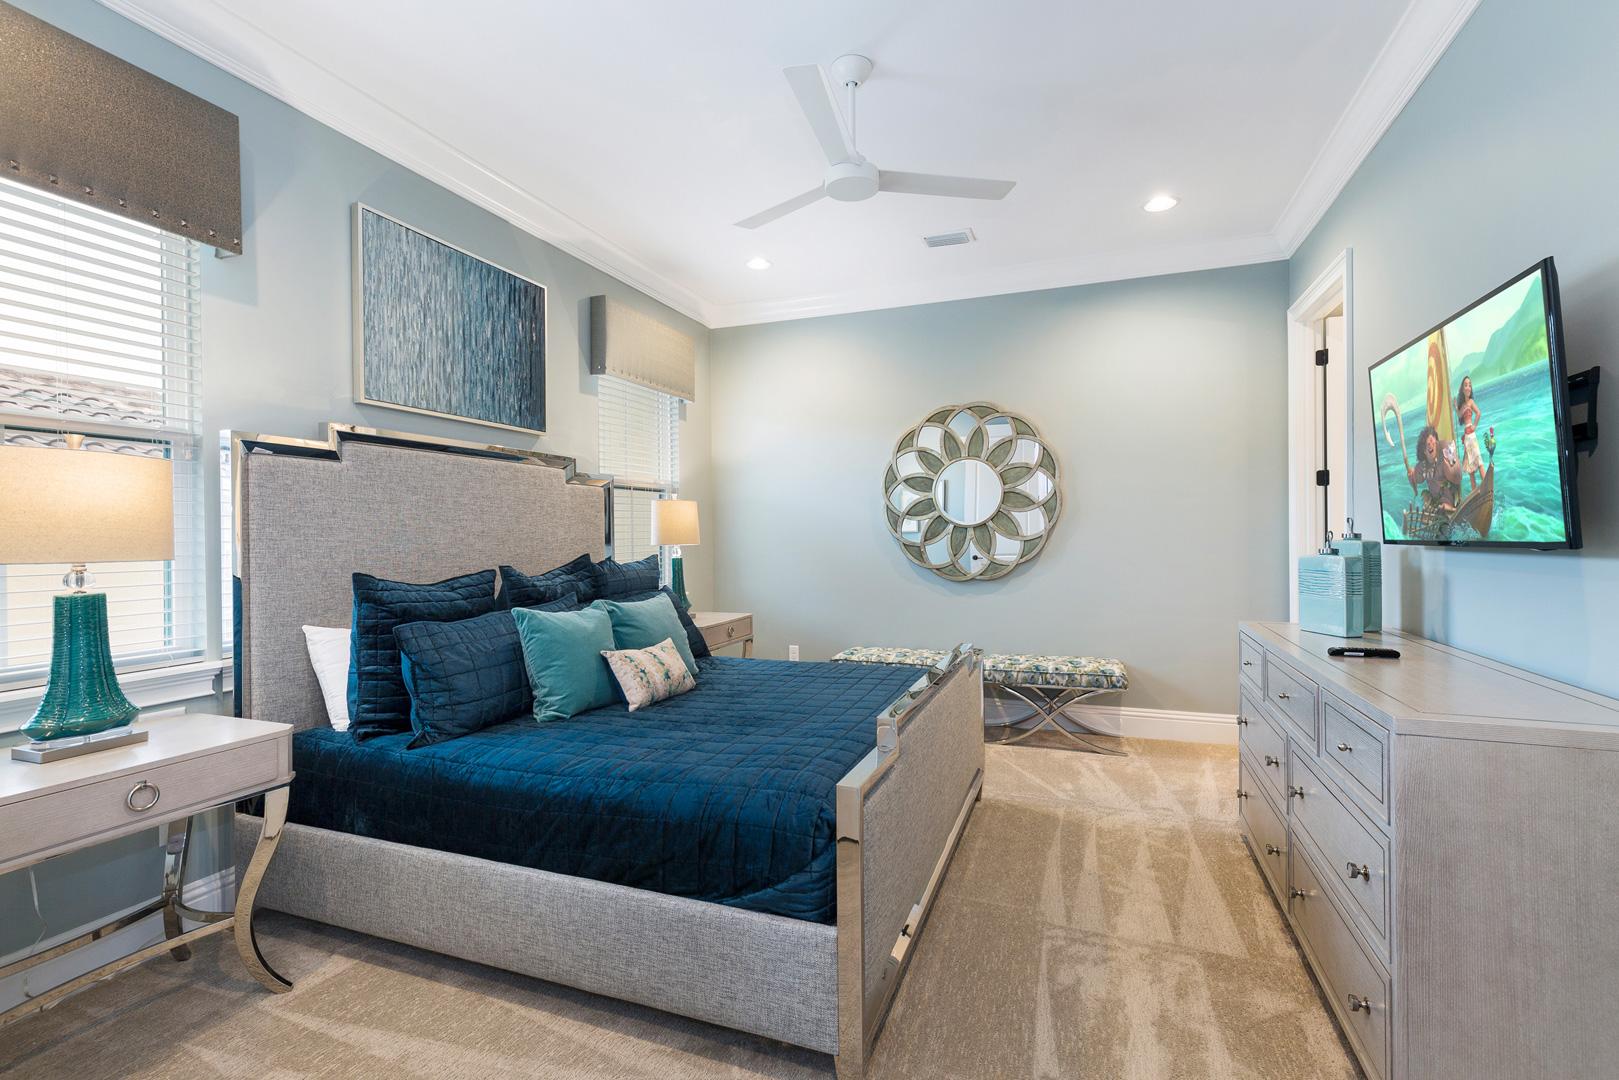 Bedrooms62